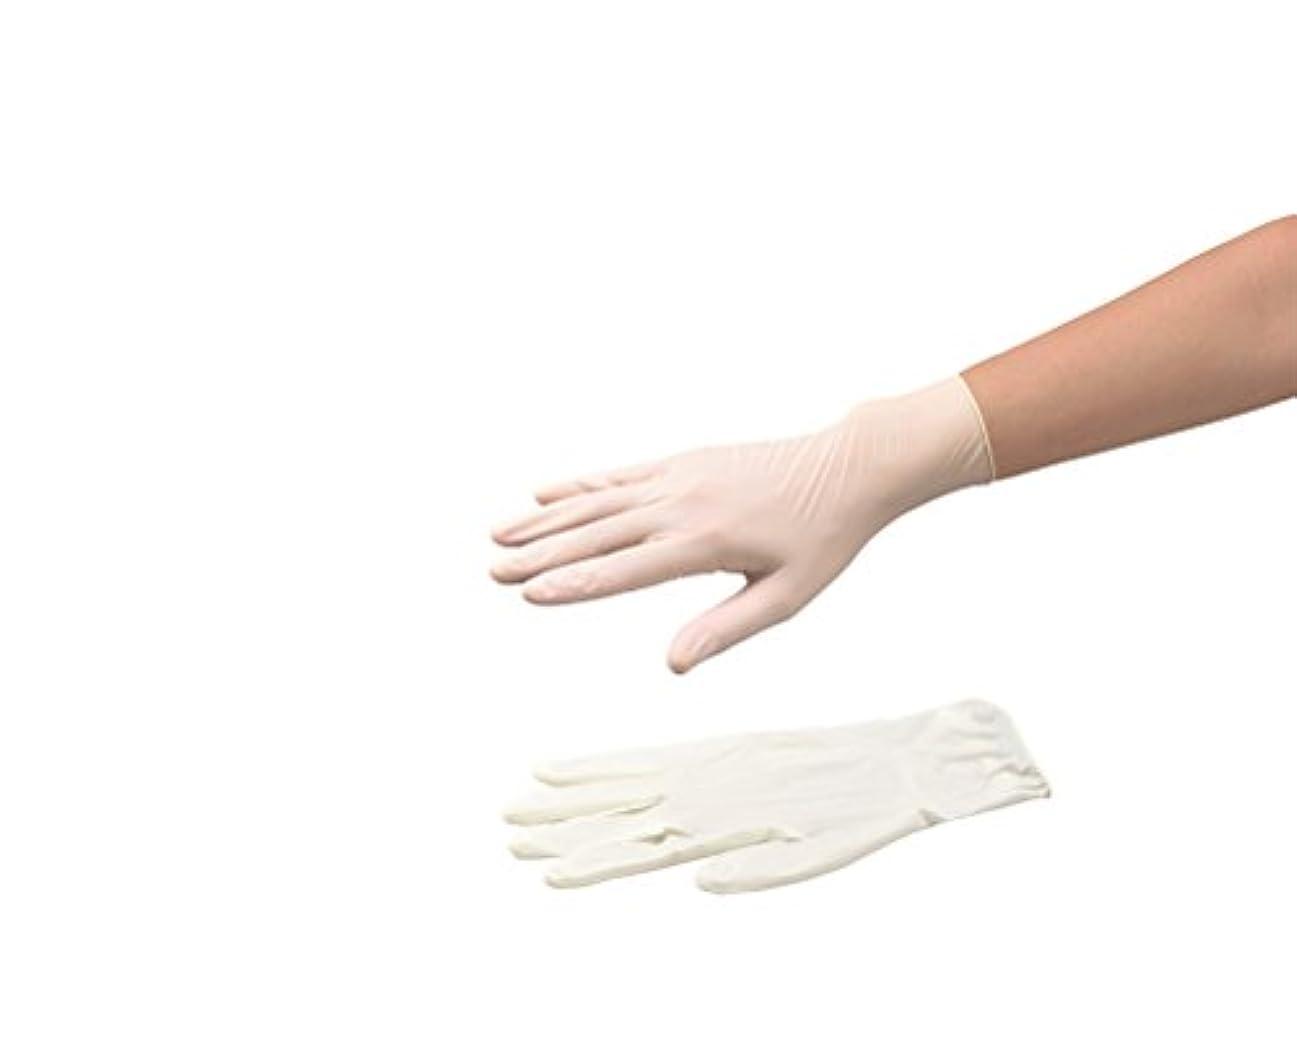 貧しいミュージカルチャンバーナビロール手袋(指先エンボス?エコノミータイプ?パウダー付) SS 1箱(100枚入) /8-9970-04